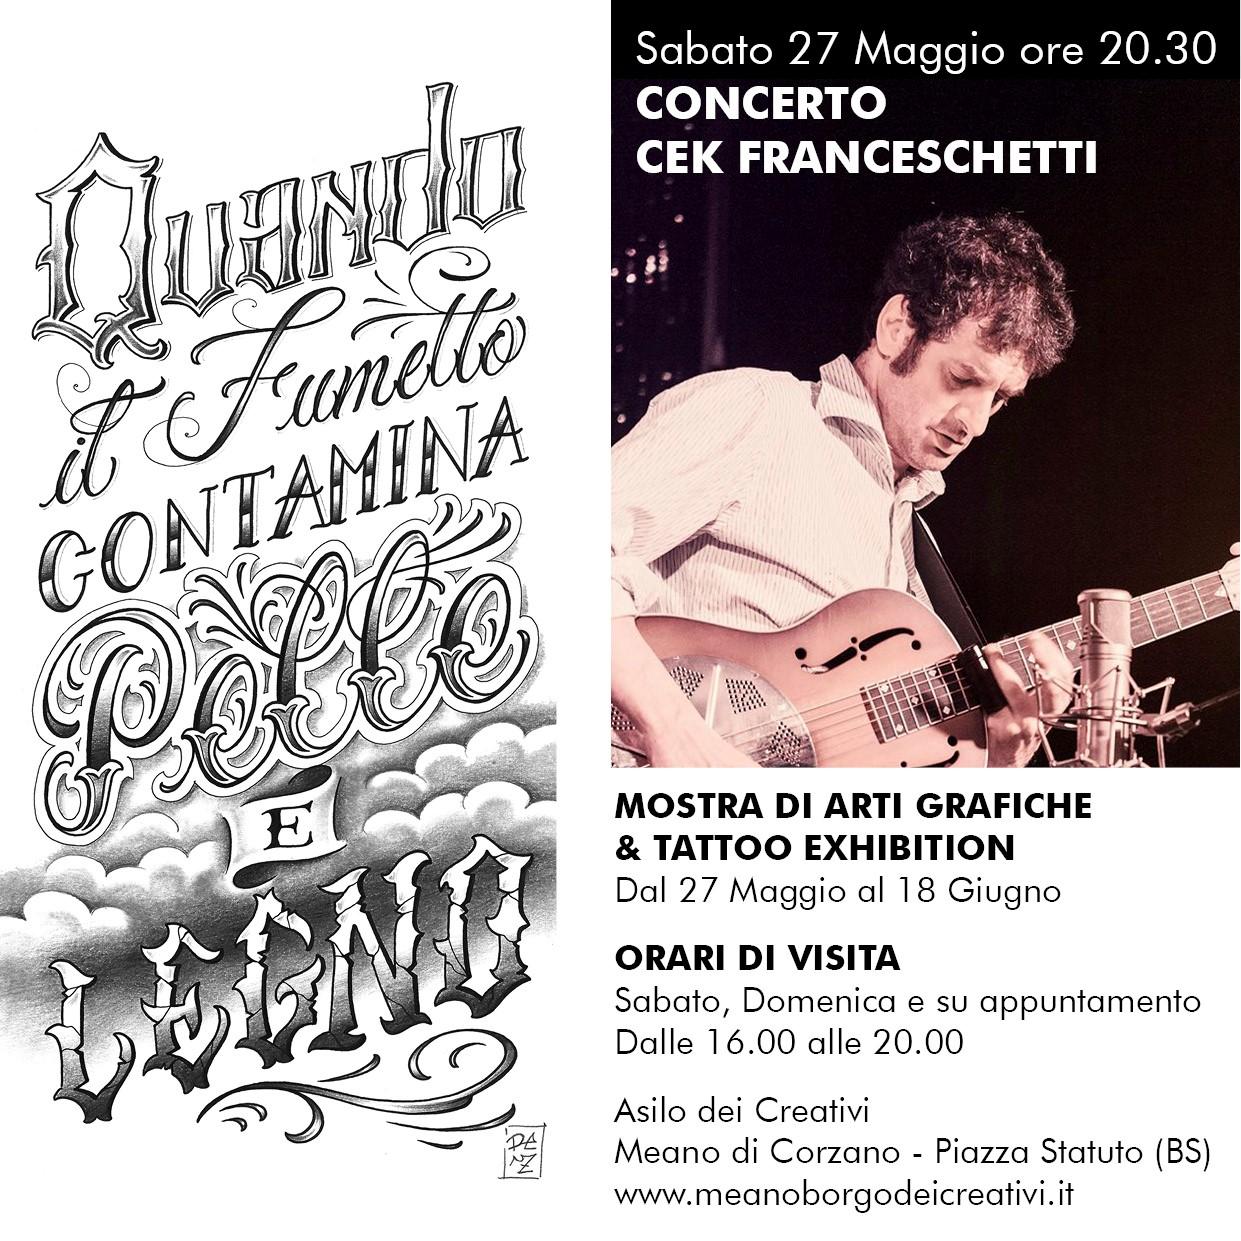 Meano - Asilo dei Creativi - Facebook - Meschini e Renzini2.jpg